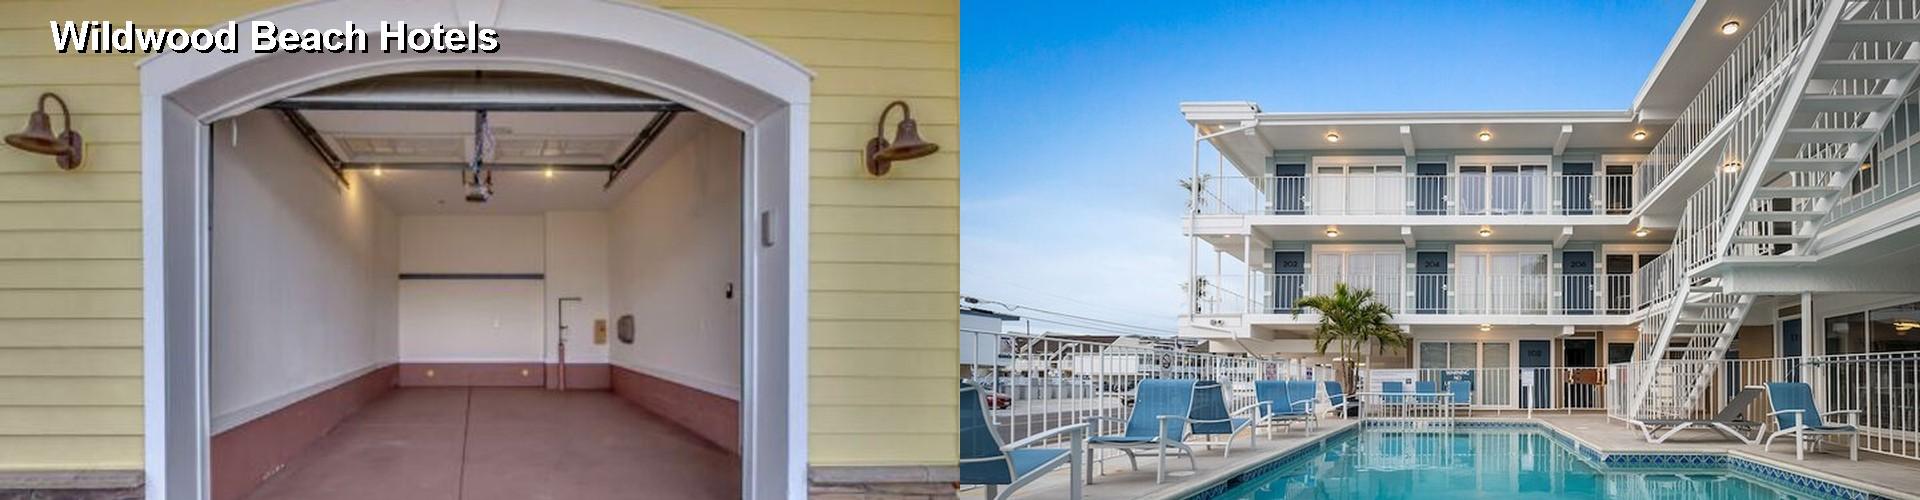 2 Best Hotels Near Wildwood Beach